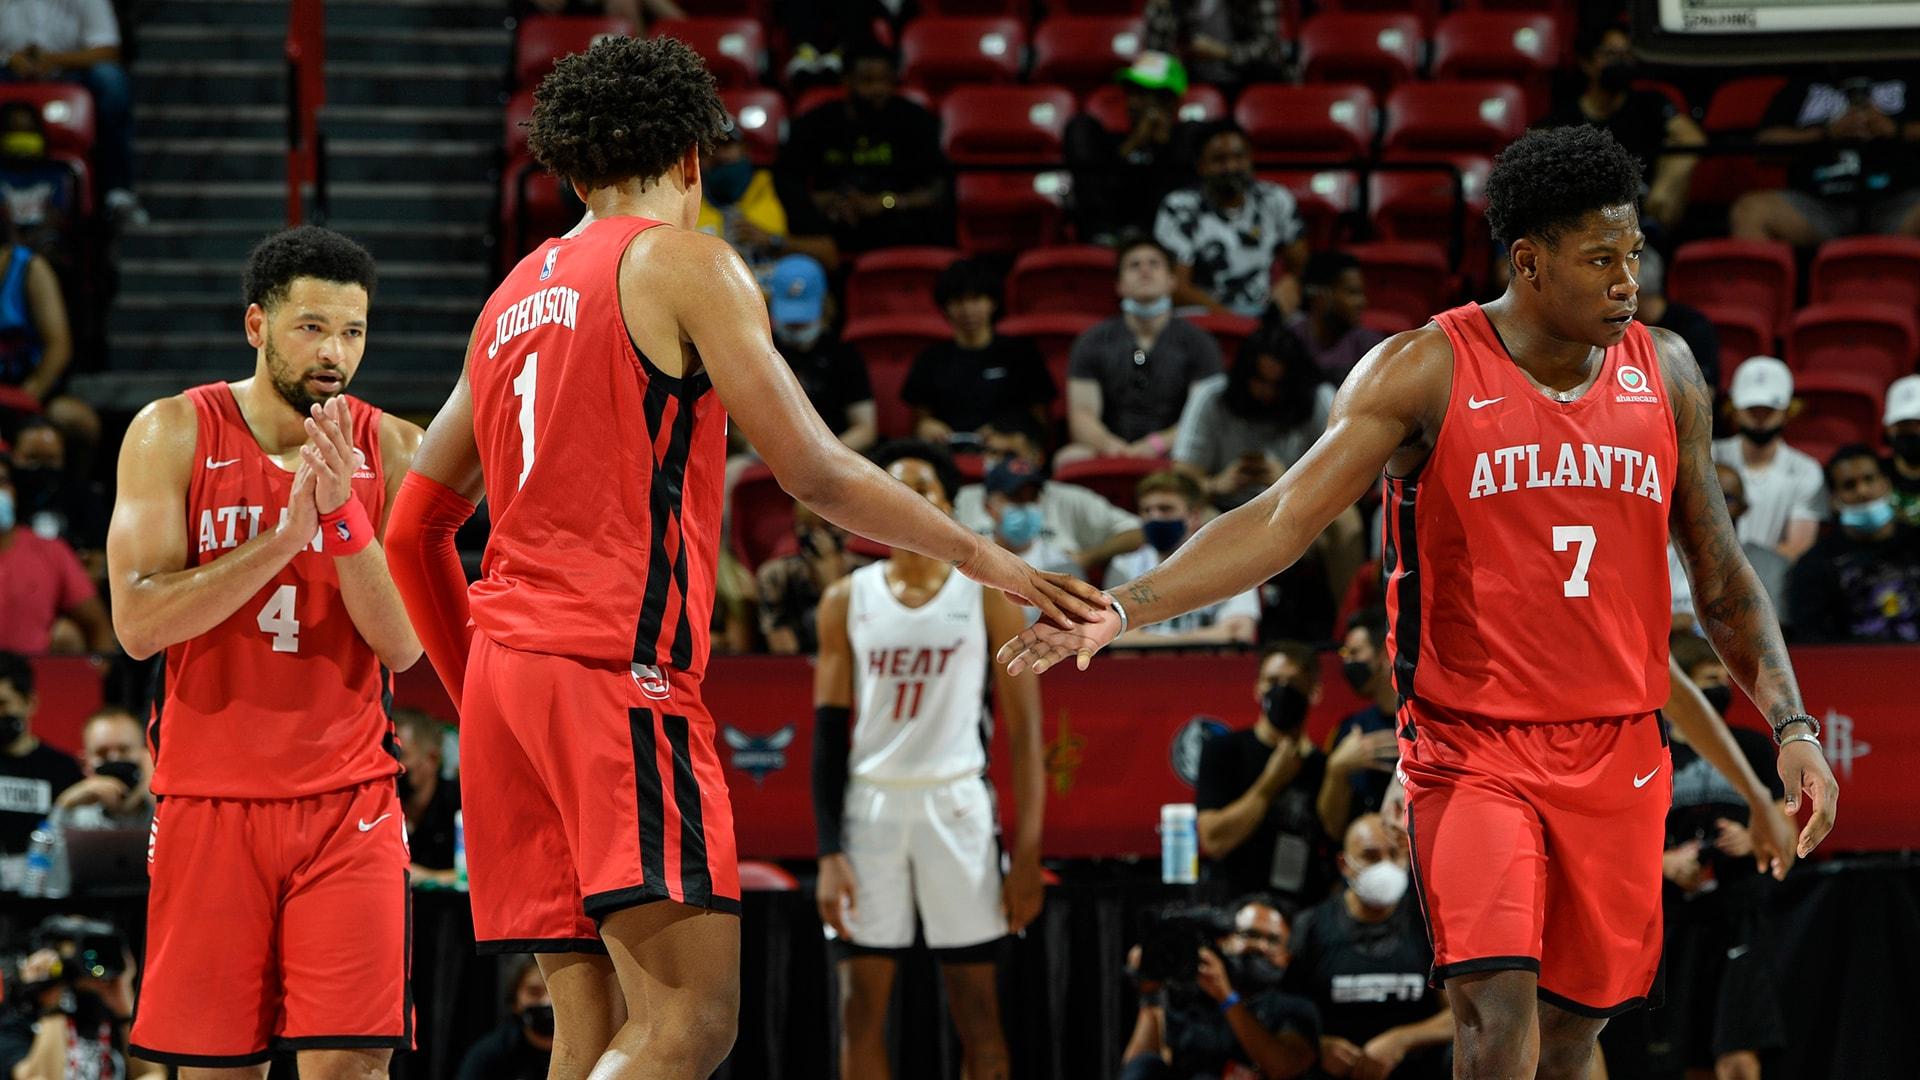 Las Vegas Summer League: Hawks secure close win over Heat